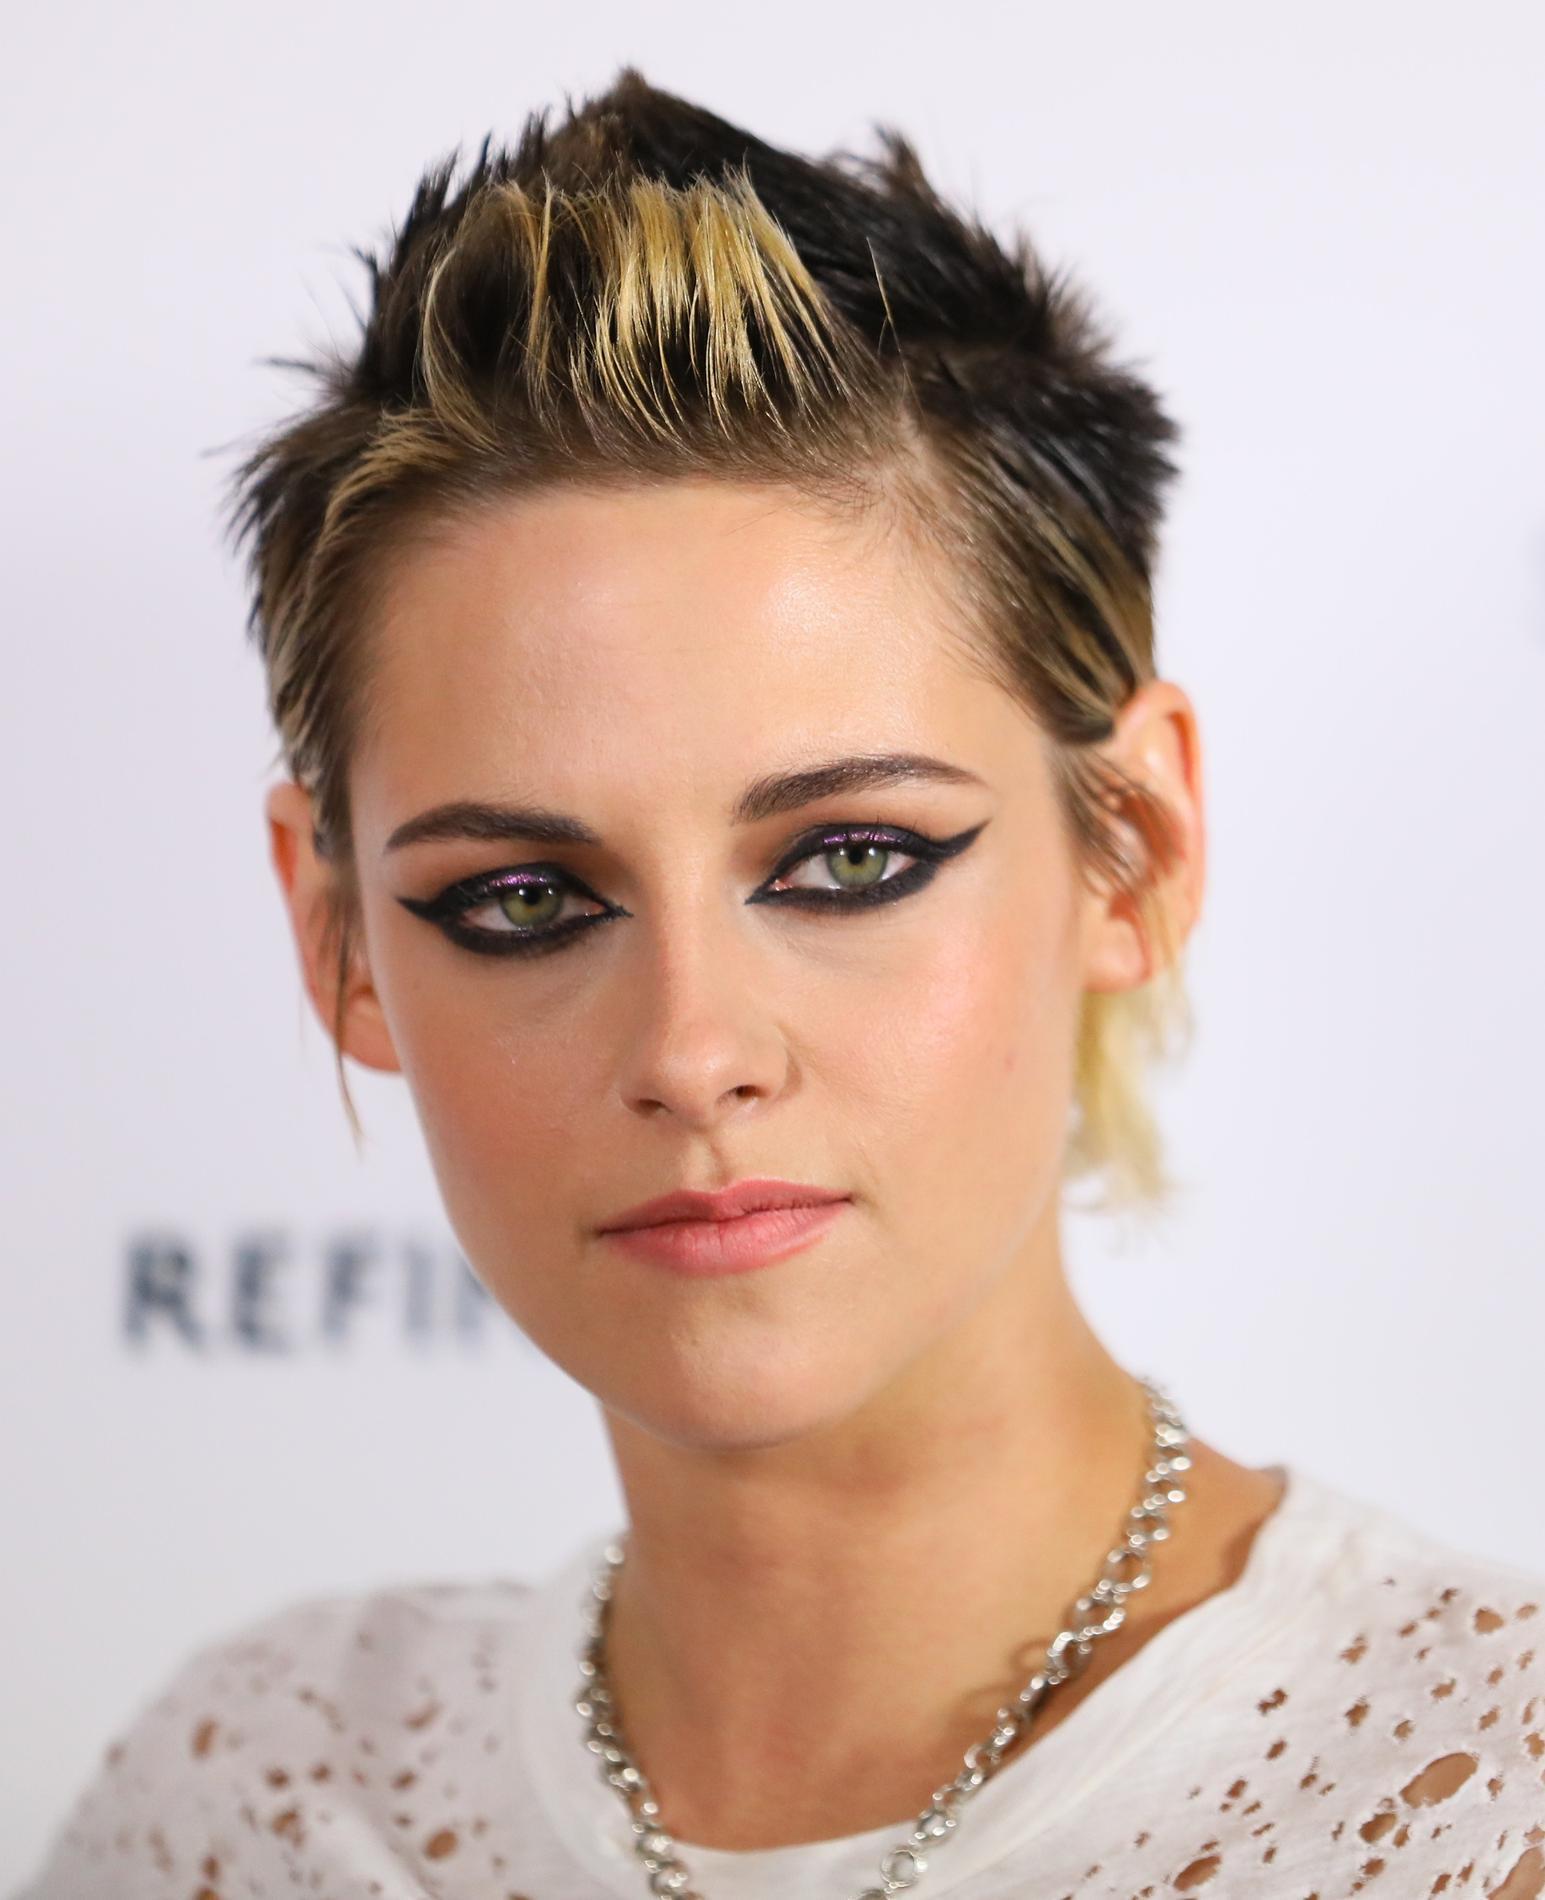 La nouvelle coupe déroutante de Kristen Stewart au Festival